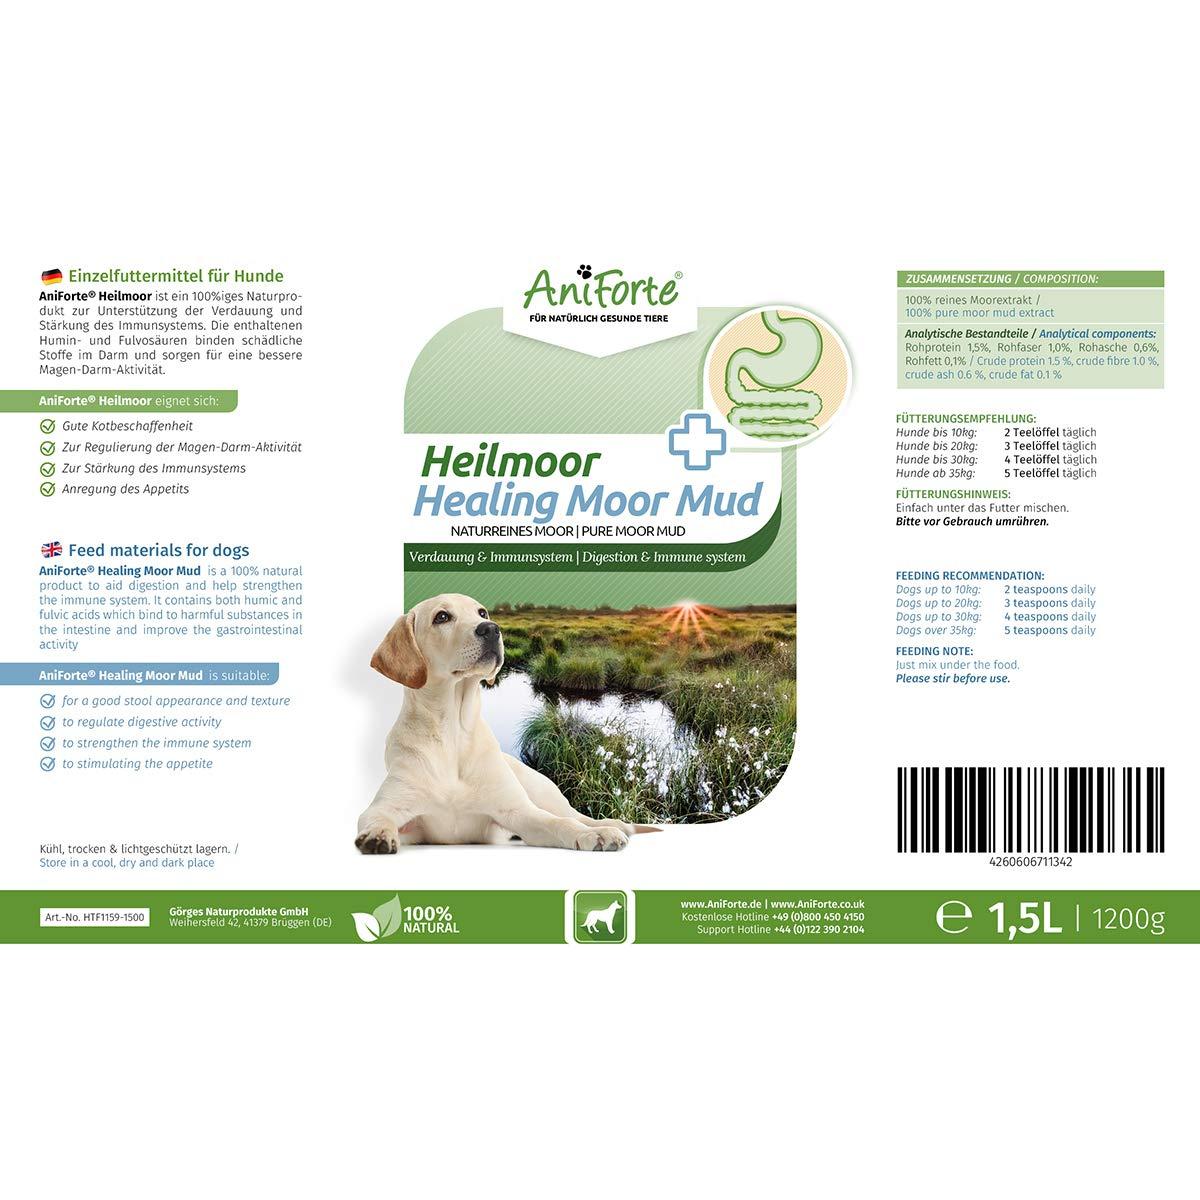 Aniforte Heilmoor Für Hunde 1200g Verbessert Die Kotbeschaffenheit